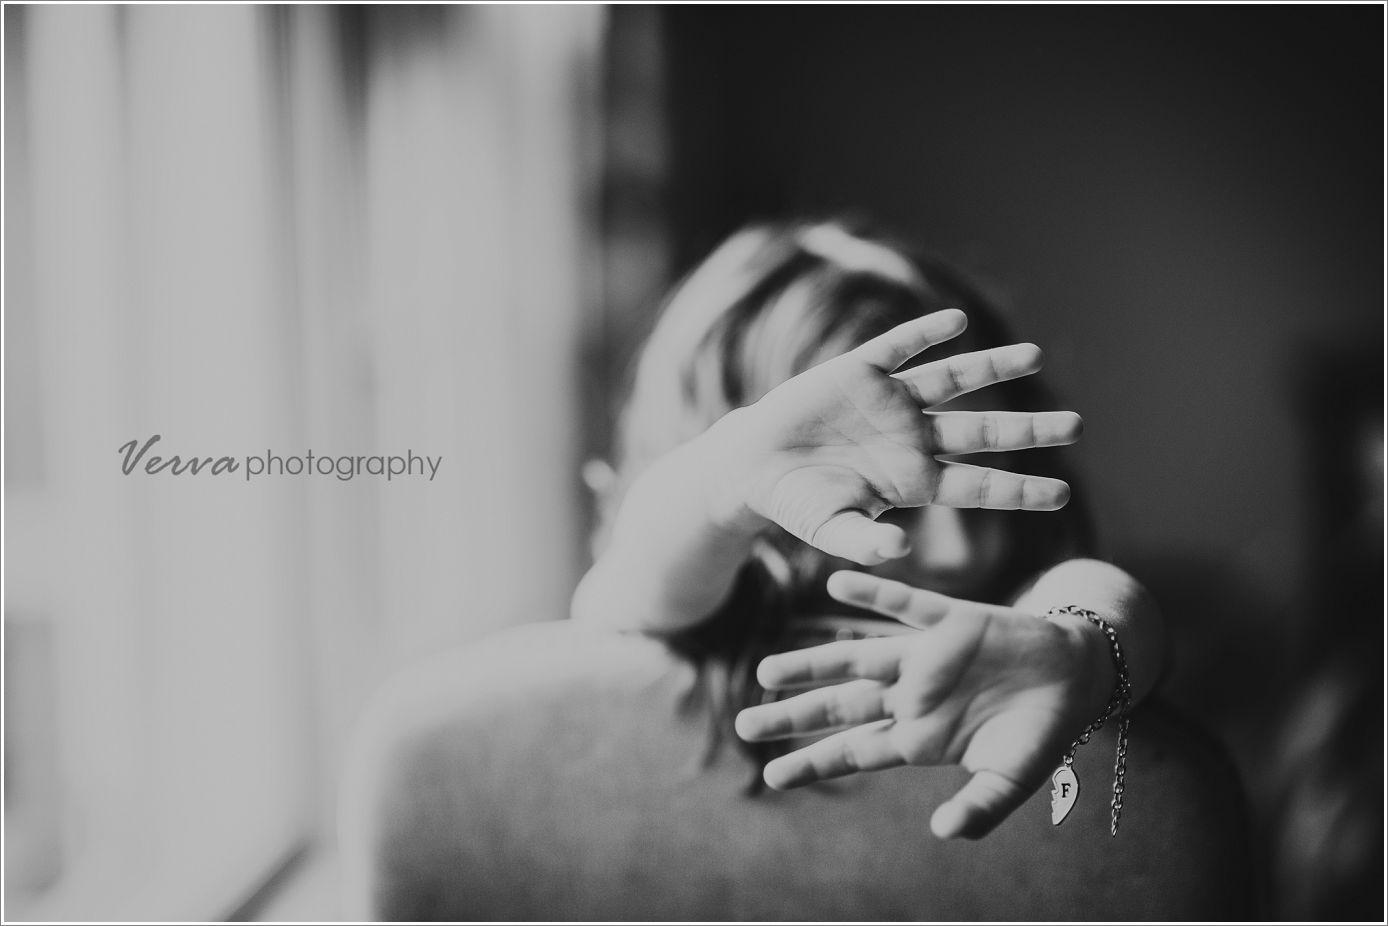 verva photography. hands